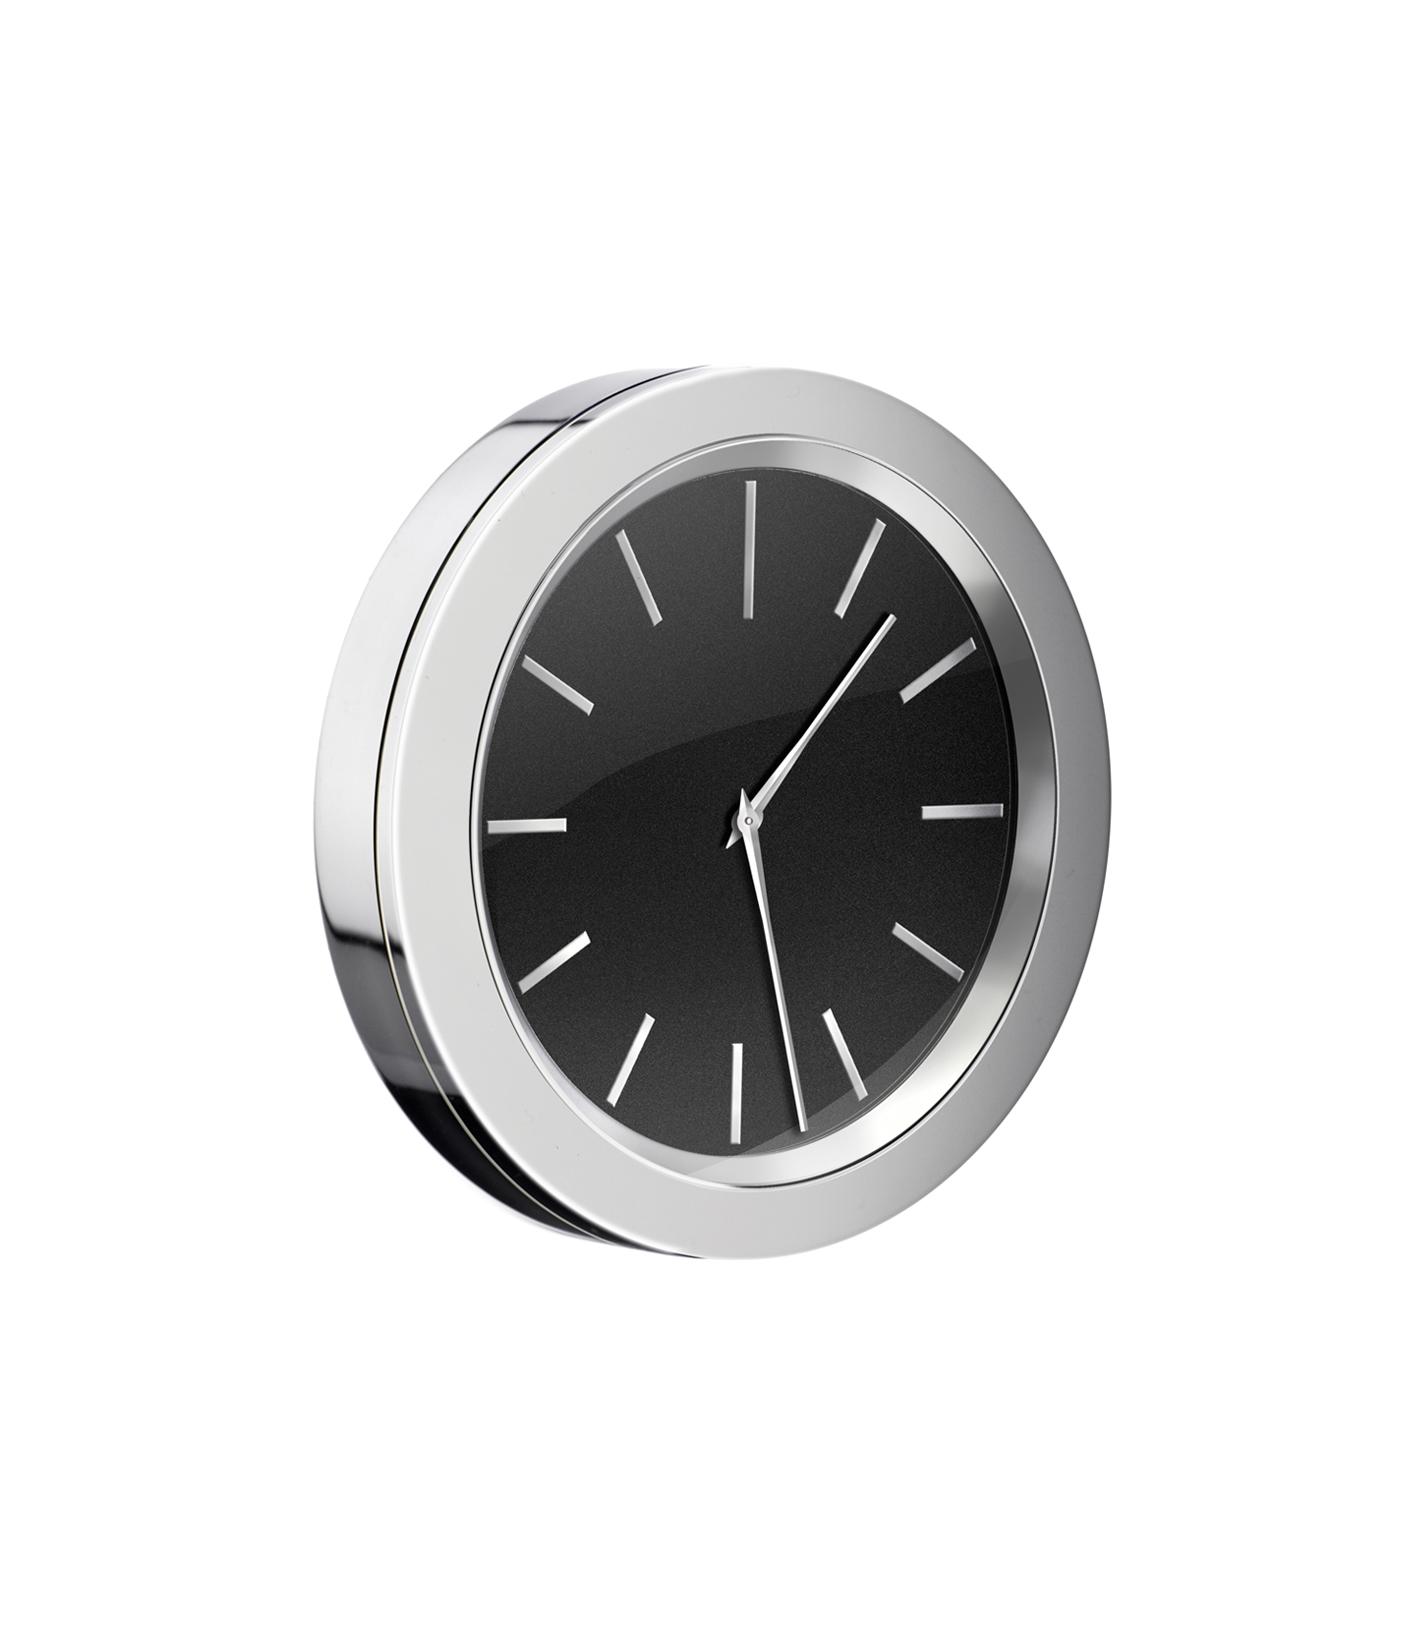 Details zu SMEDBO TIME glänzend Badezimmer-Uhr selbstklebend Bad-Wanduhr  schwarz YK8